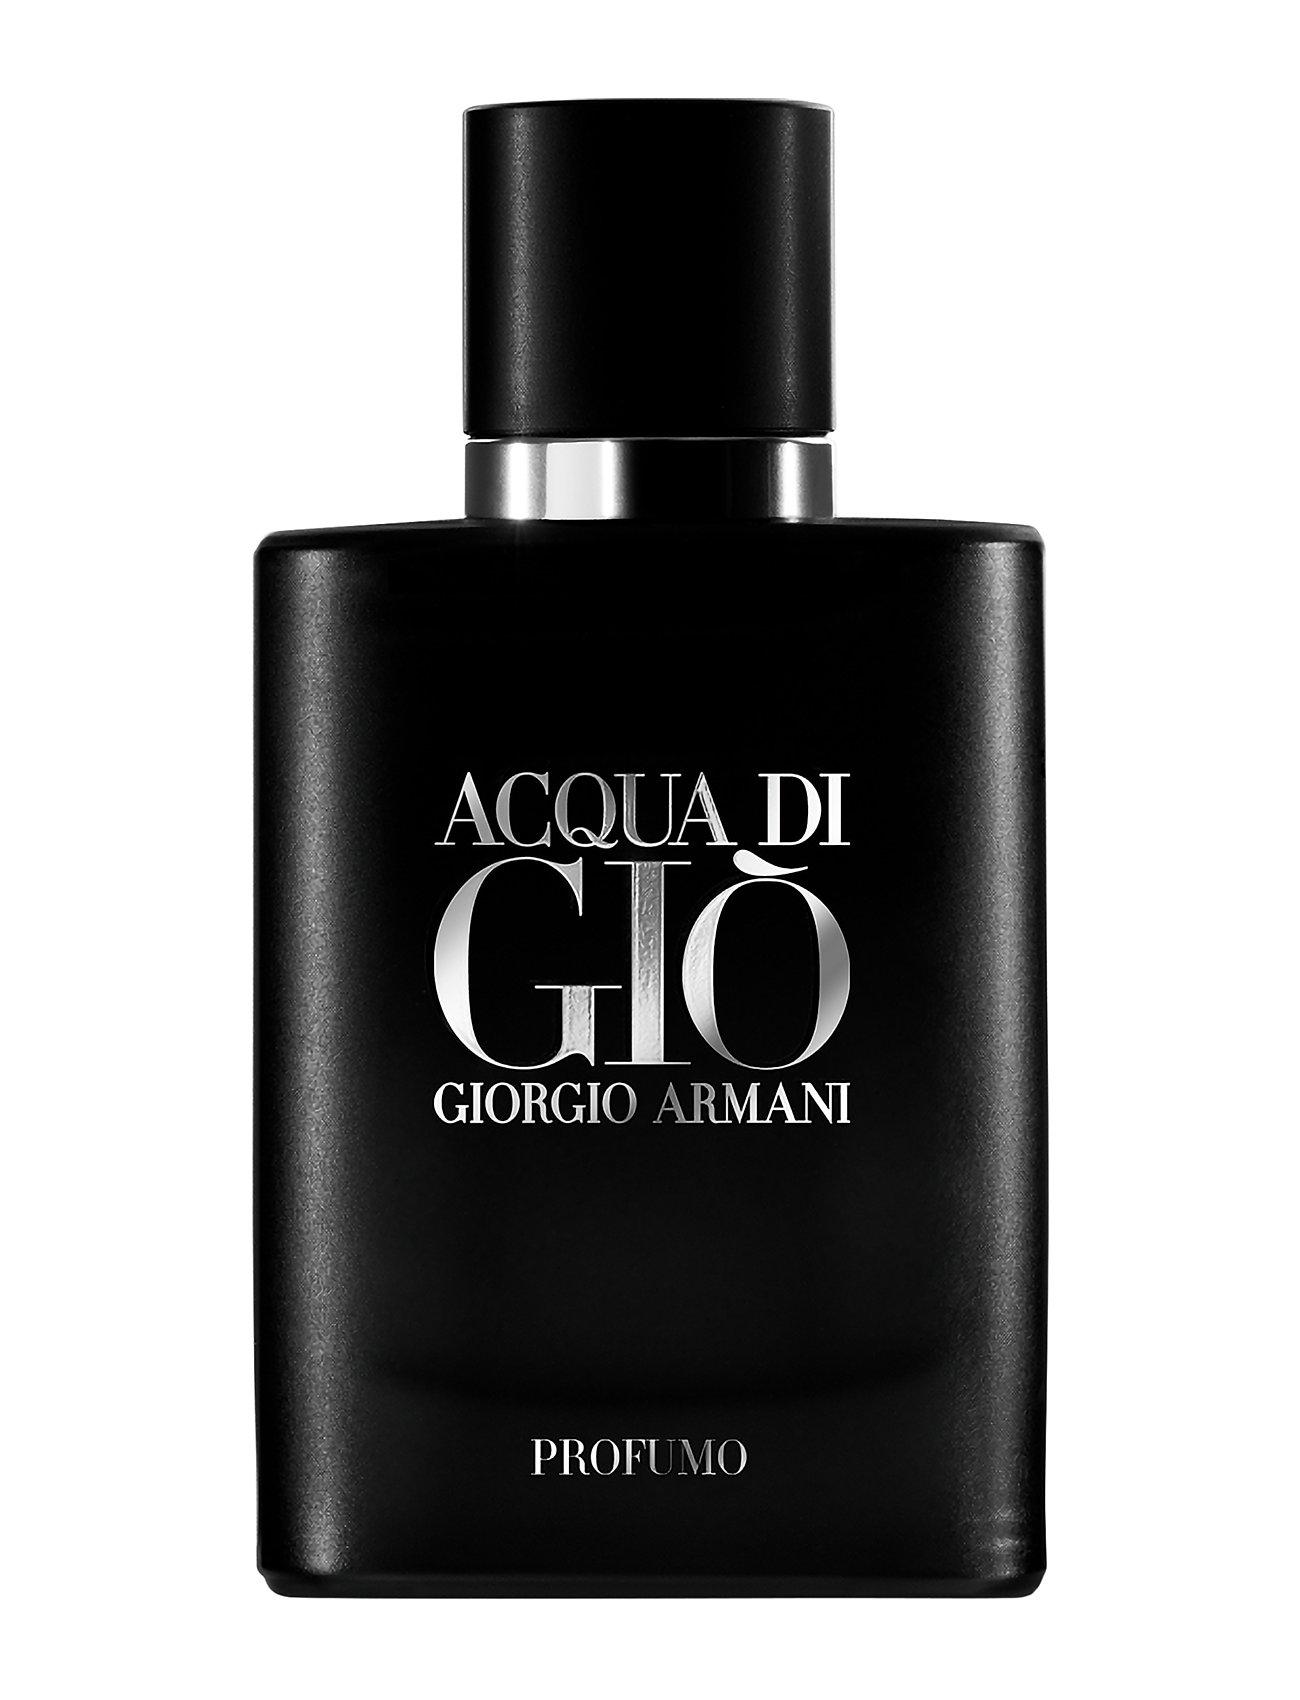 giorgio armani – Acqua di giã² profumo 40 ml fra boozt.com dk